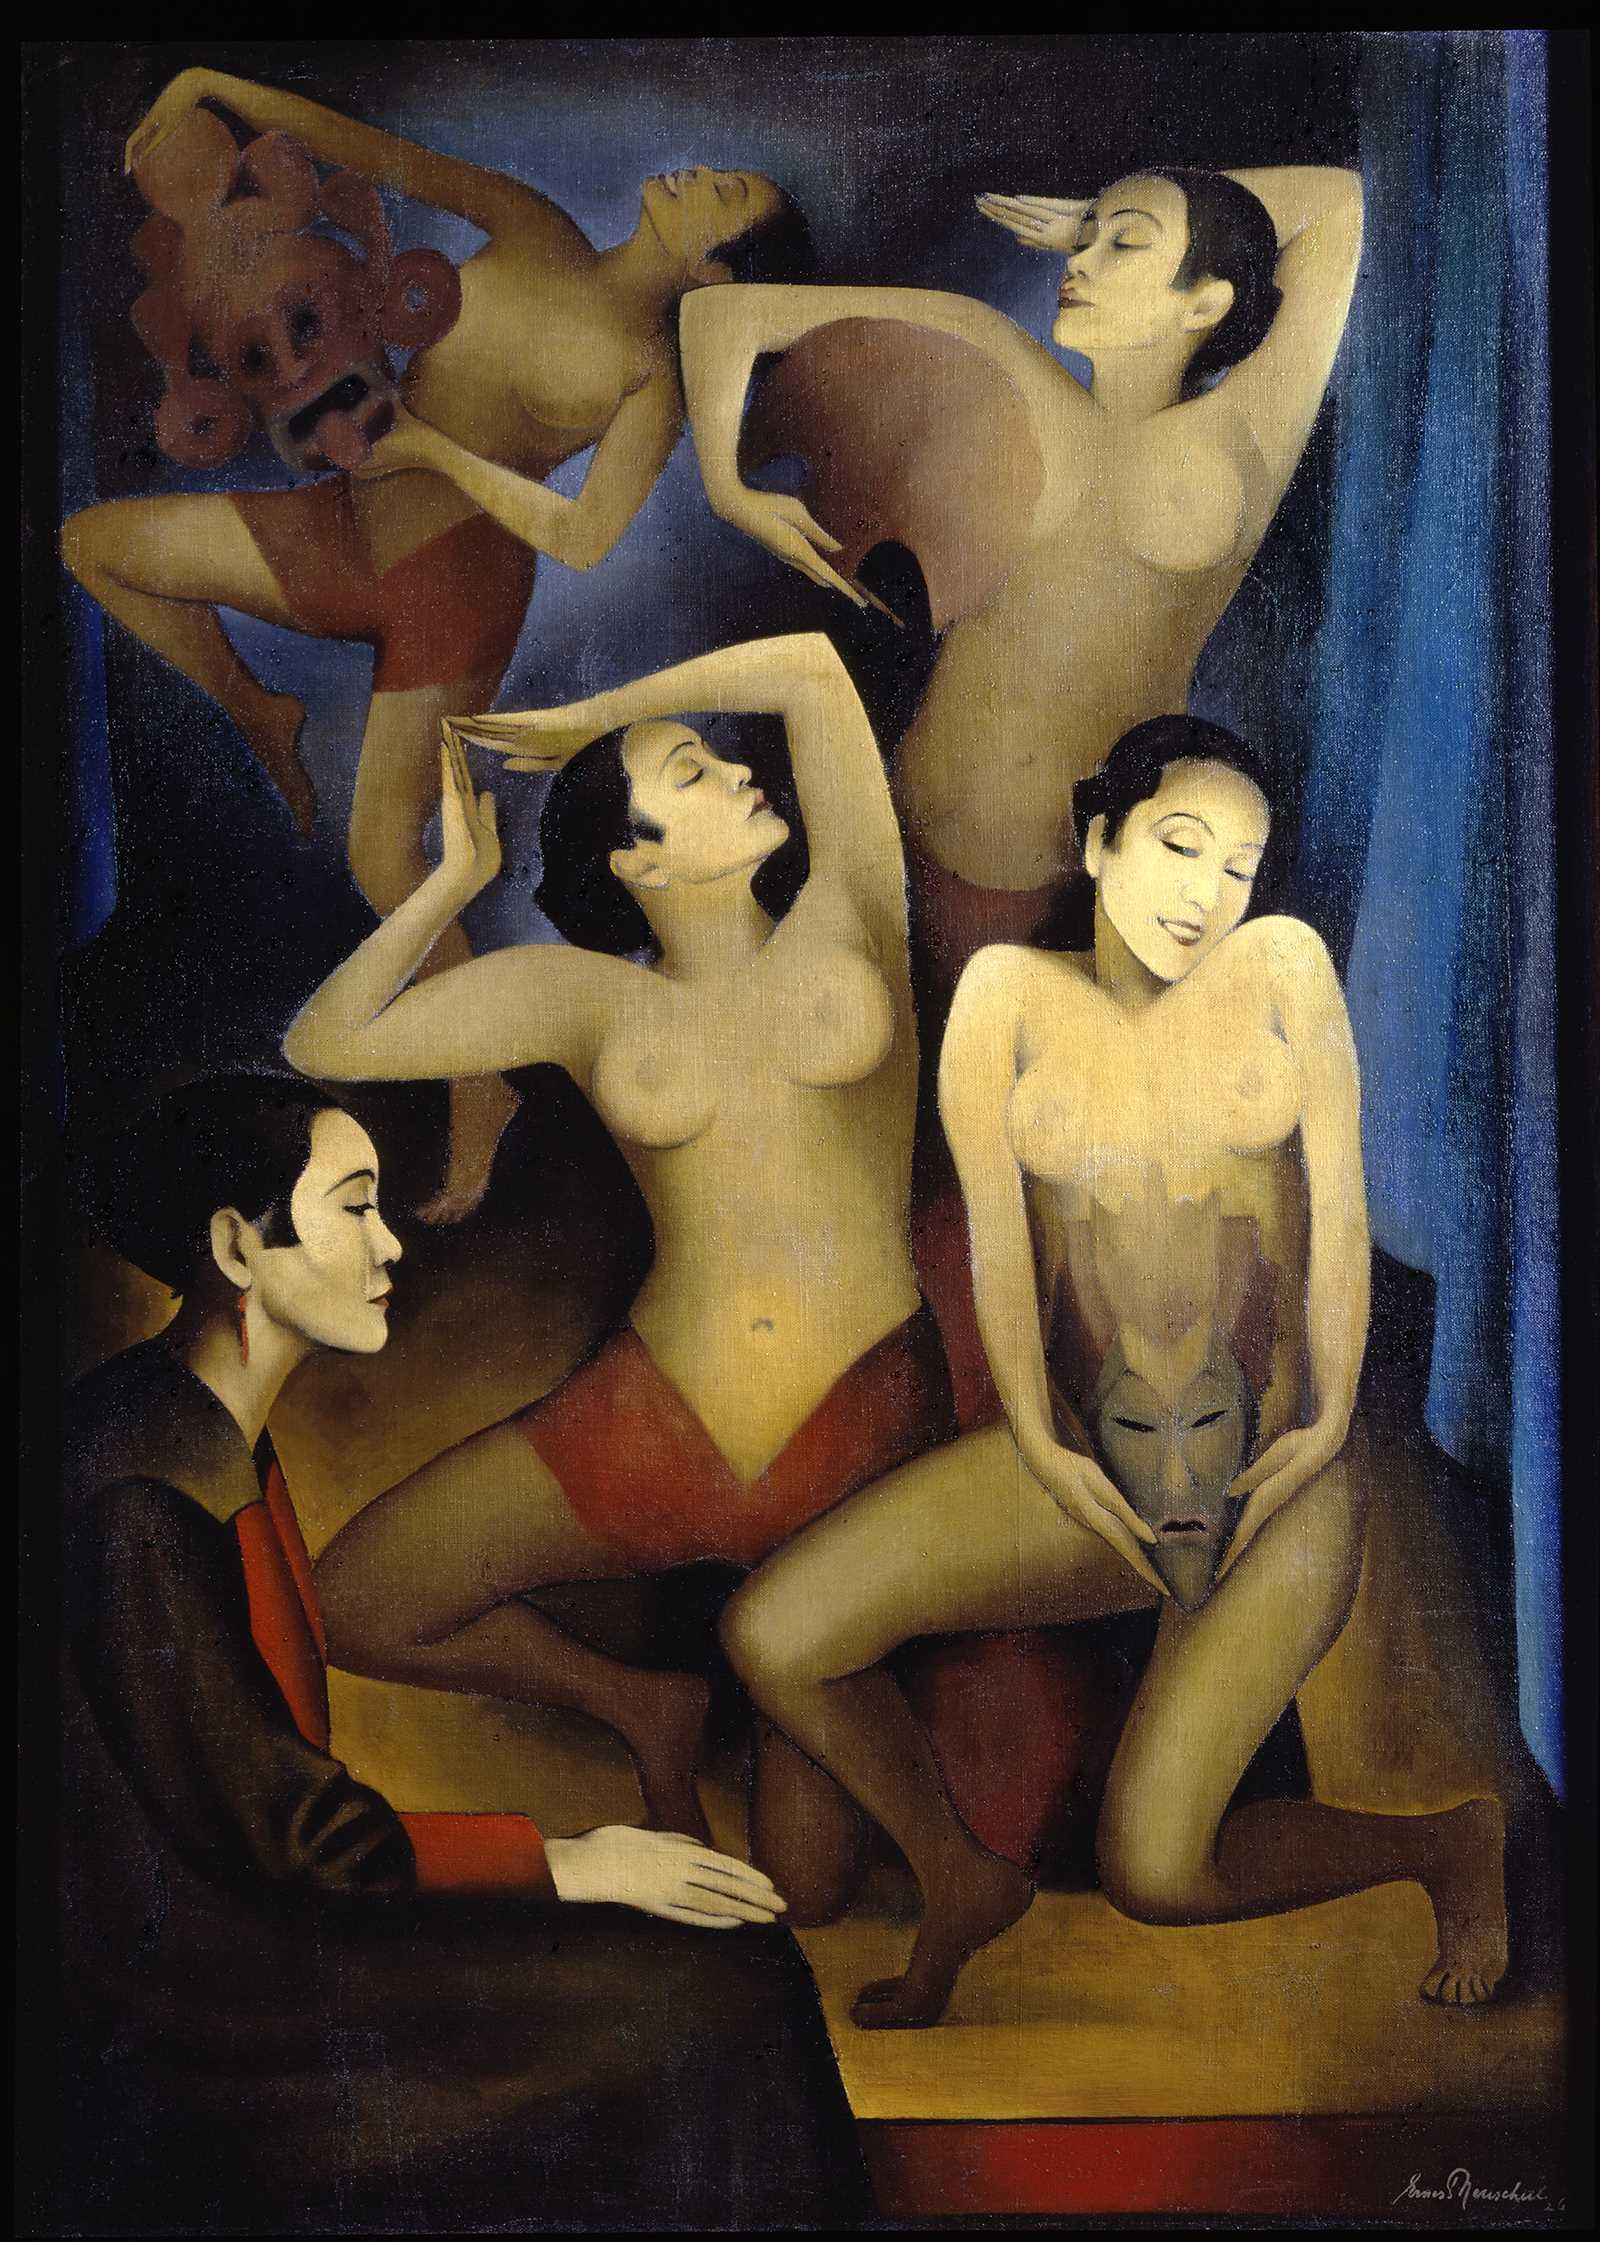 Ernest Neuschul. Takka-Takka baila (Takka-Takka tanzt), 1926